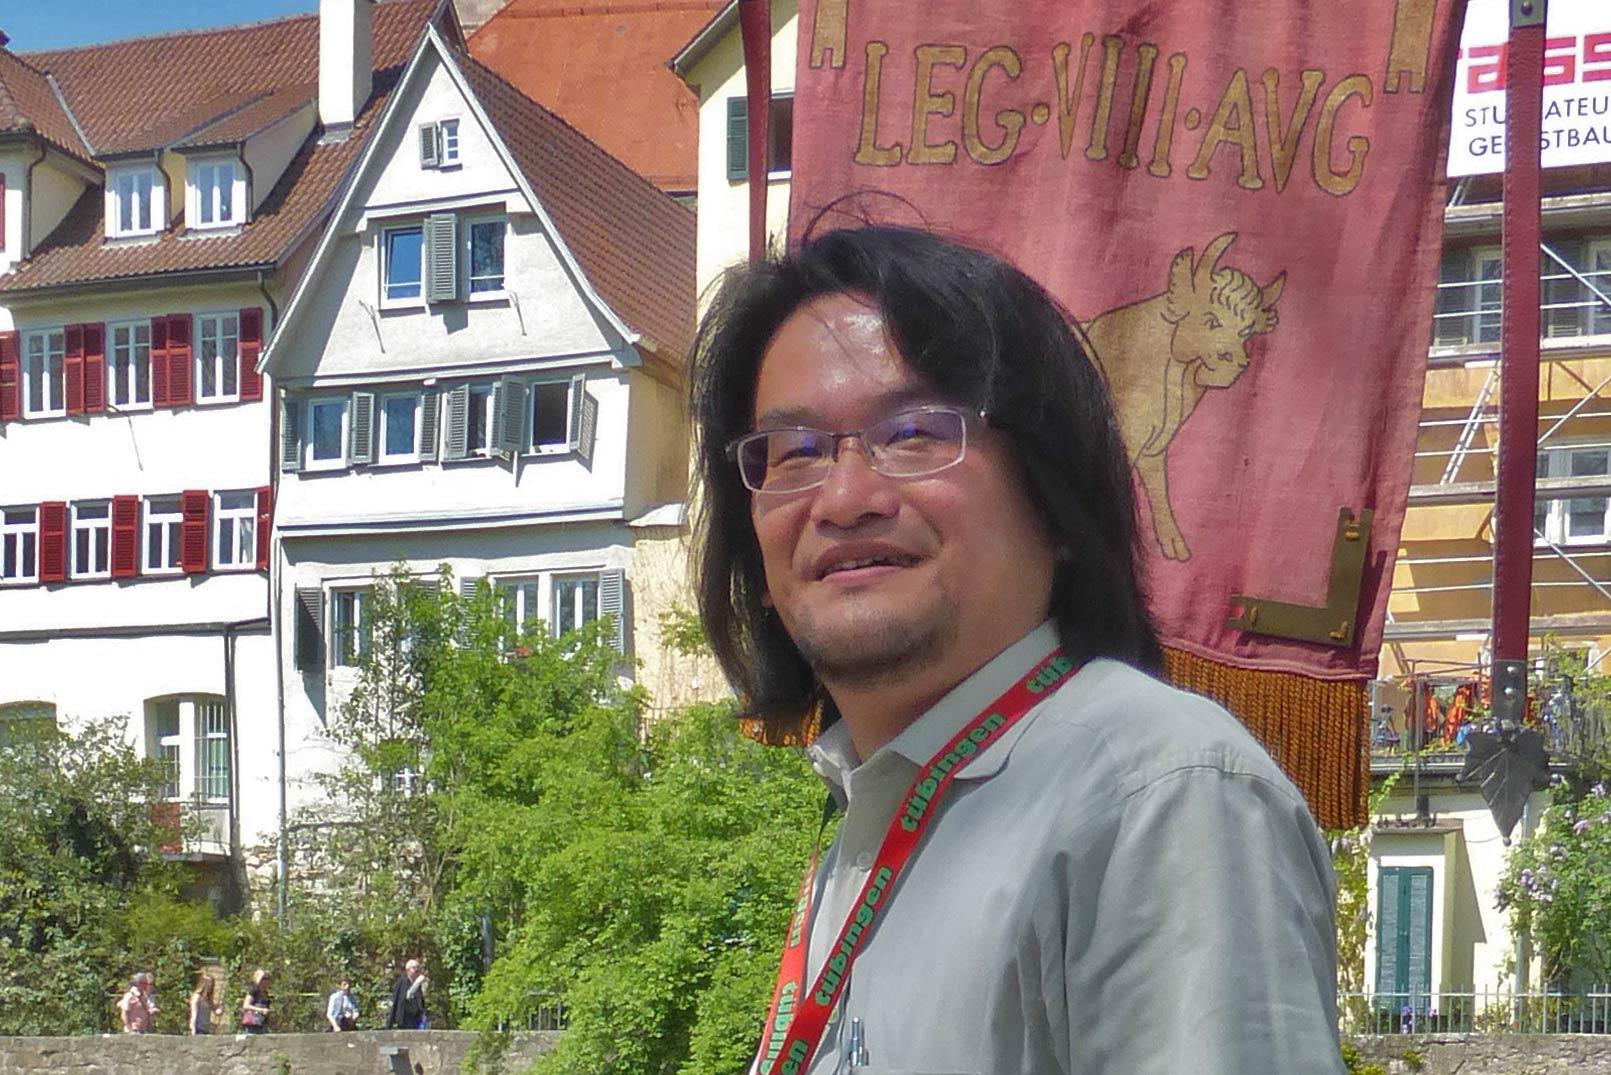 Stadtführung in Tübingen auf Latein